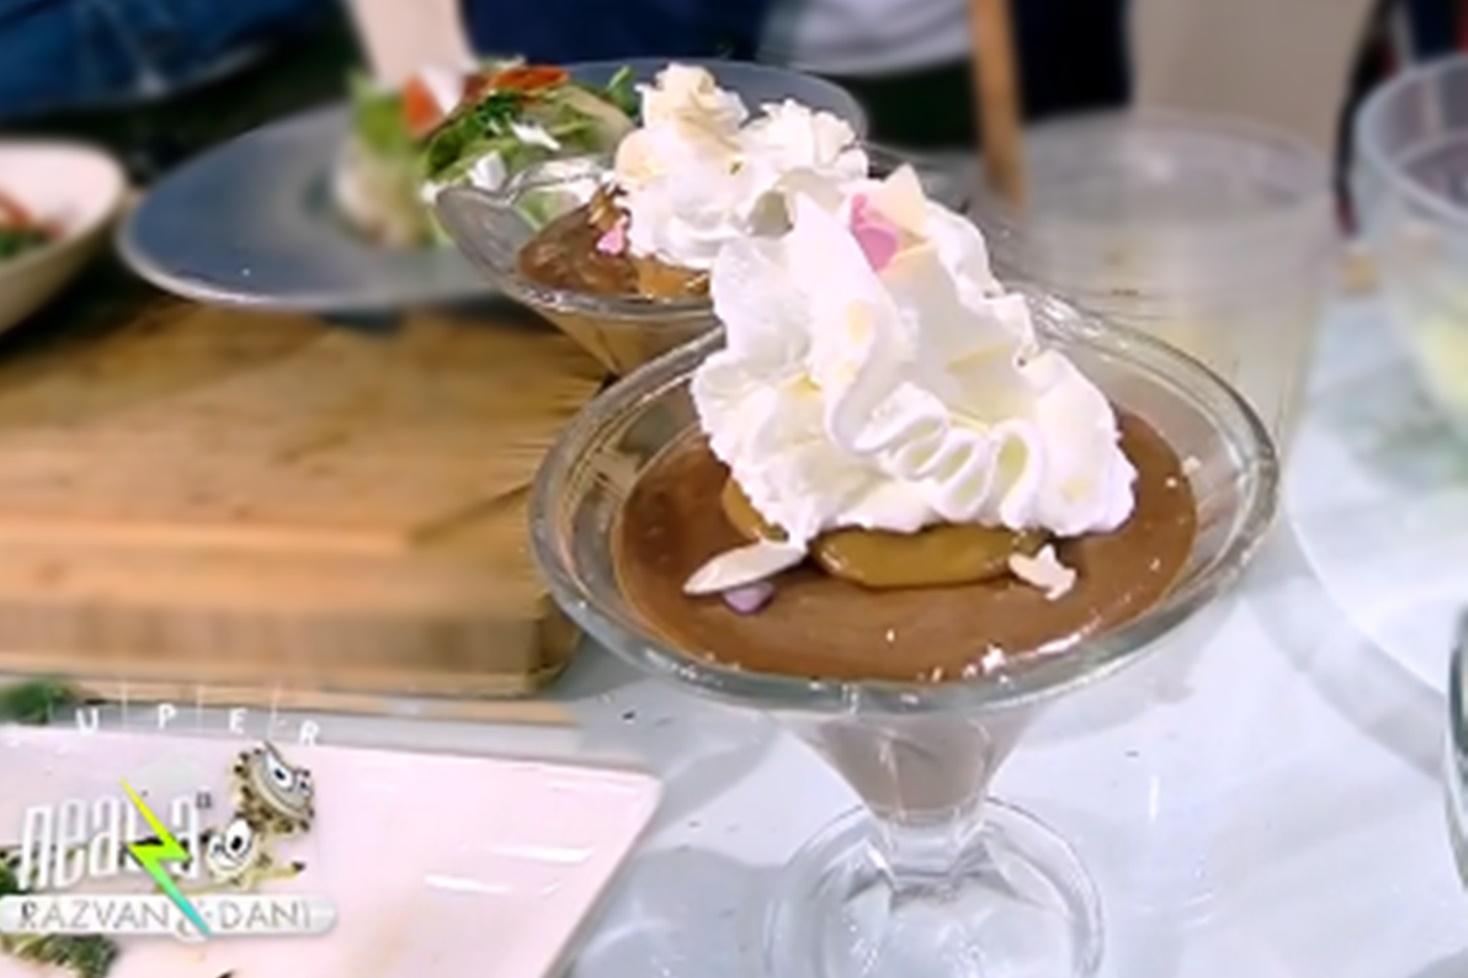 Chef Nicolai Tand a preparat mousse de ciocolată cu caramel sărat